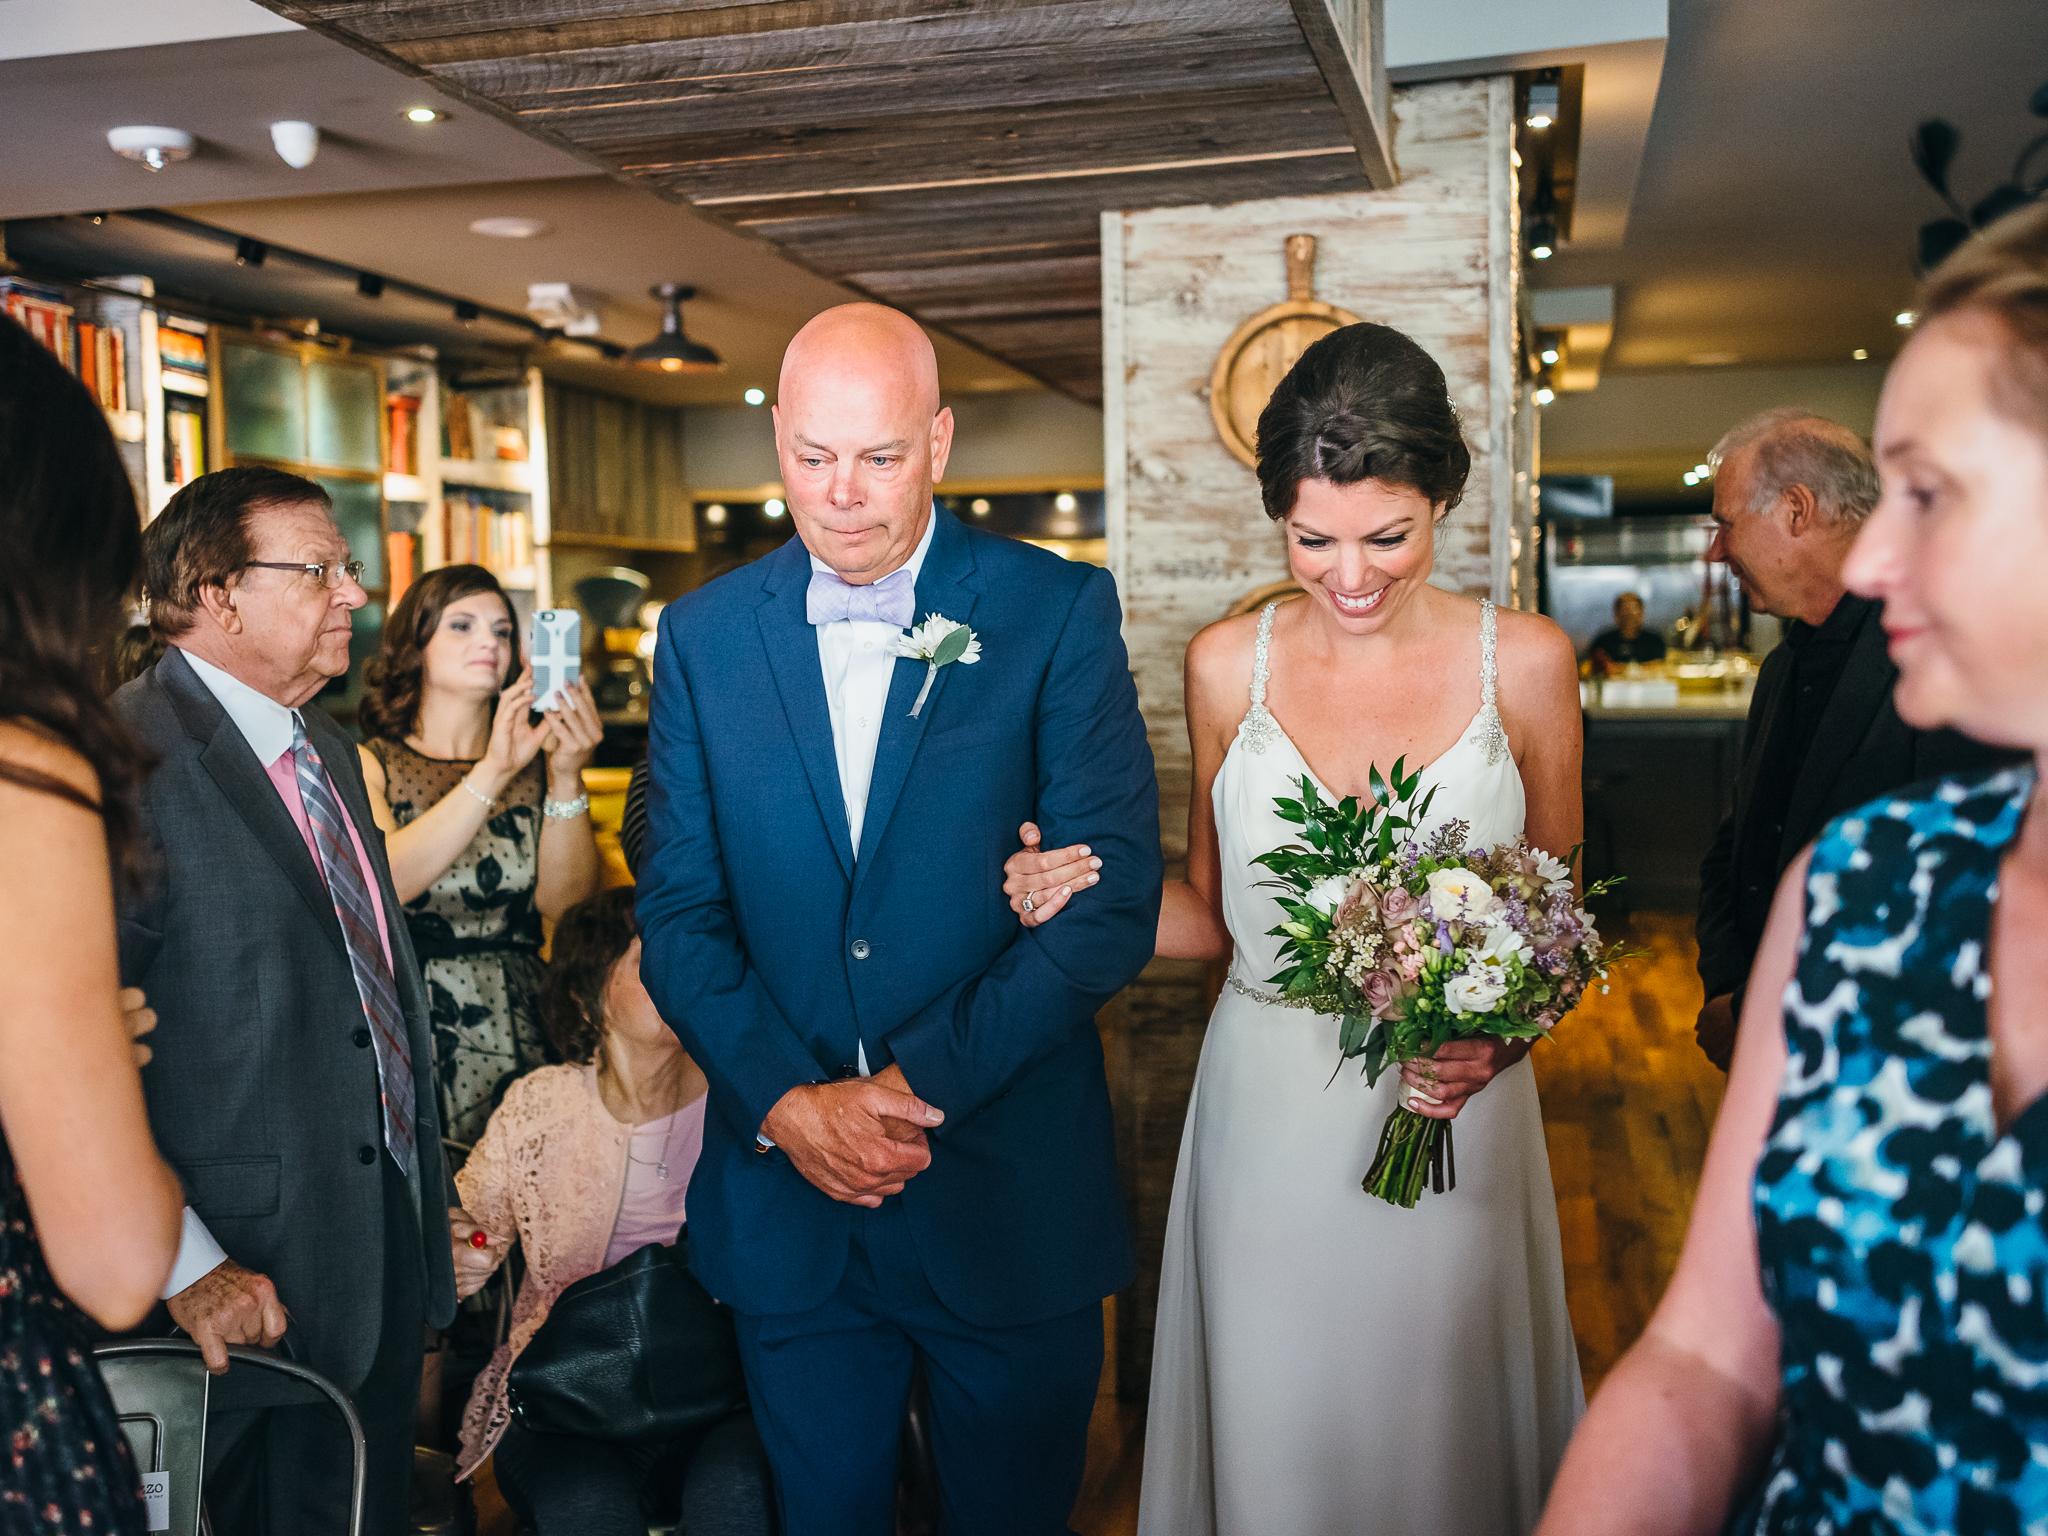 Barbuzzo_wedding_nw-0025.jpg